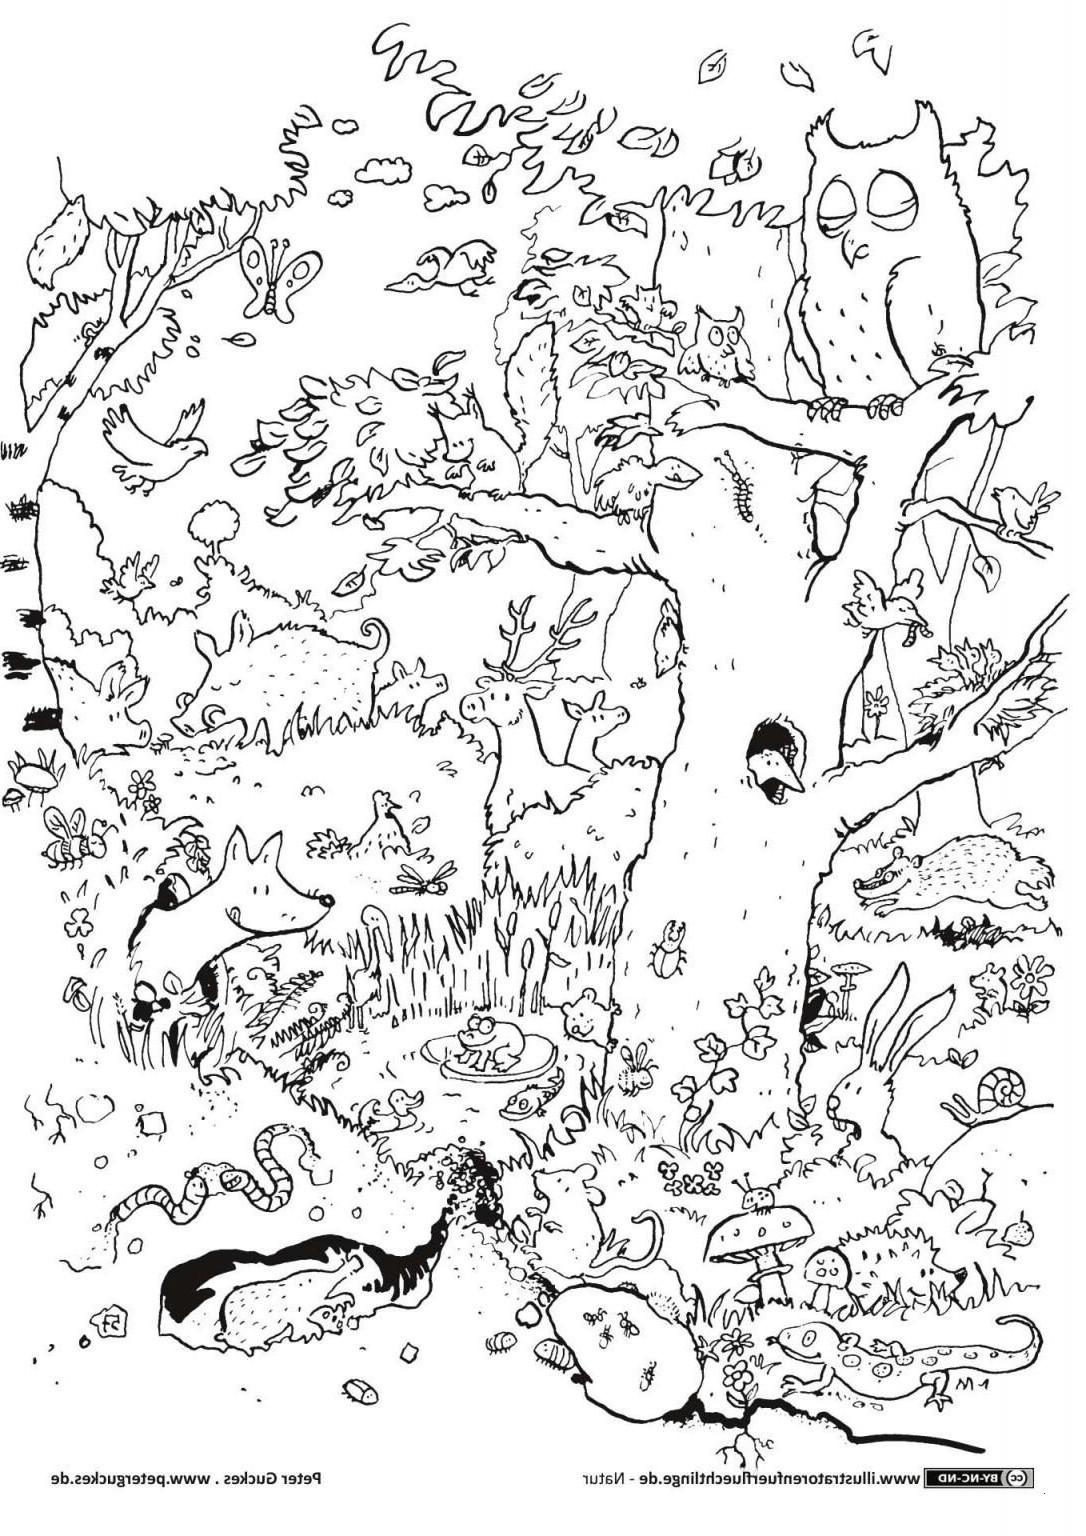 Ostereier Ausmalbilder Zum Ausdrucken Inspirierend 43 Frisch Ausmalbilder Osterei – Große Coloring Page Sammlung Das Bild